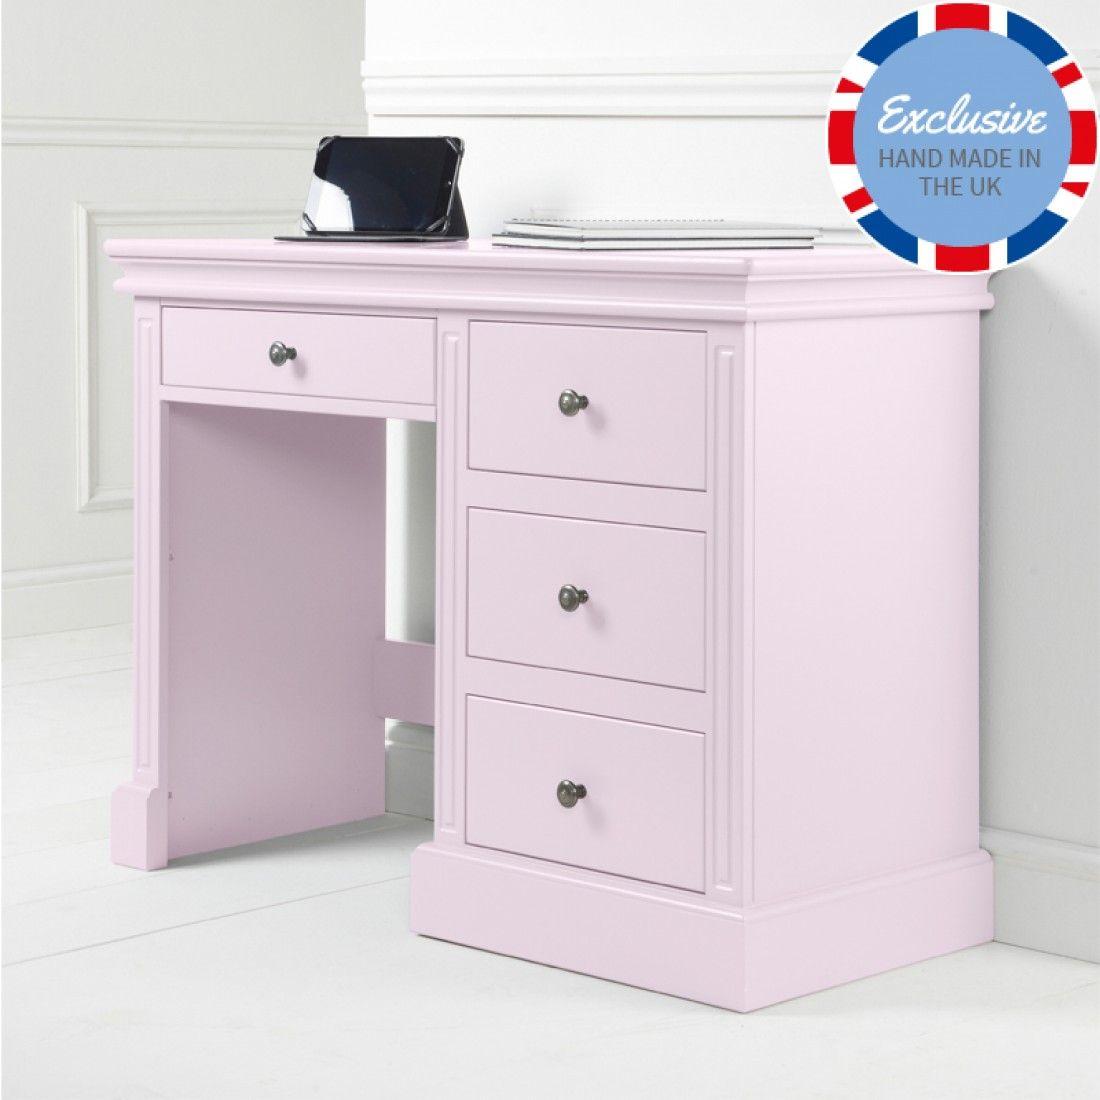 Archie 4 Drawer Desk | Boys Desk | Kids Bedrooms | Childrens Furniture